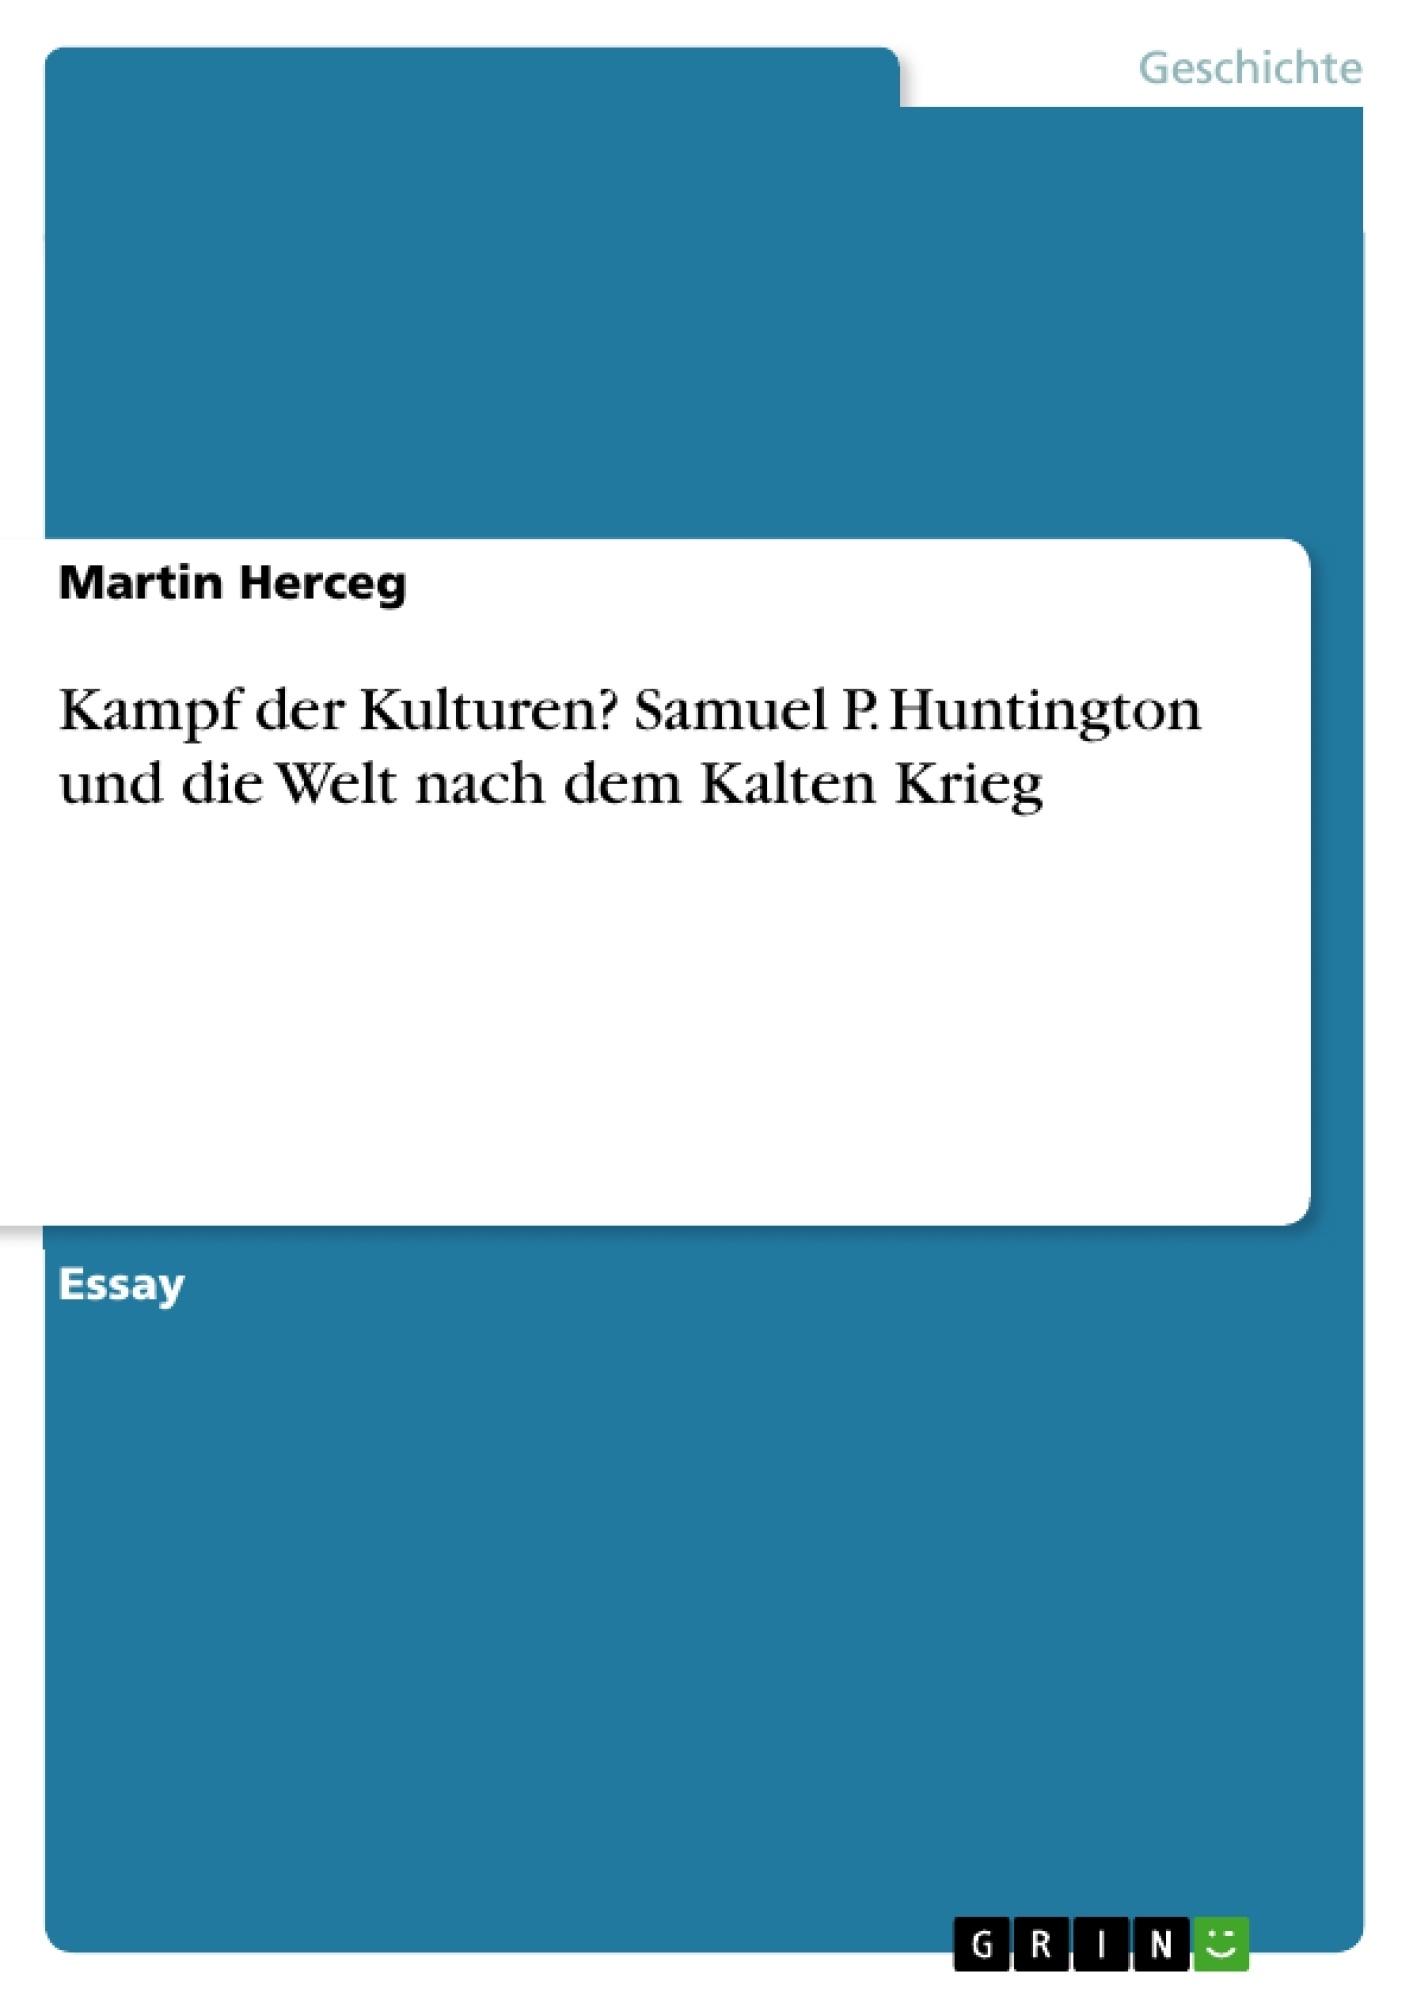 Titel: Kampf der Kulturen? Samuel P. Huntington und die Welt nach dem Kalten Krieg